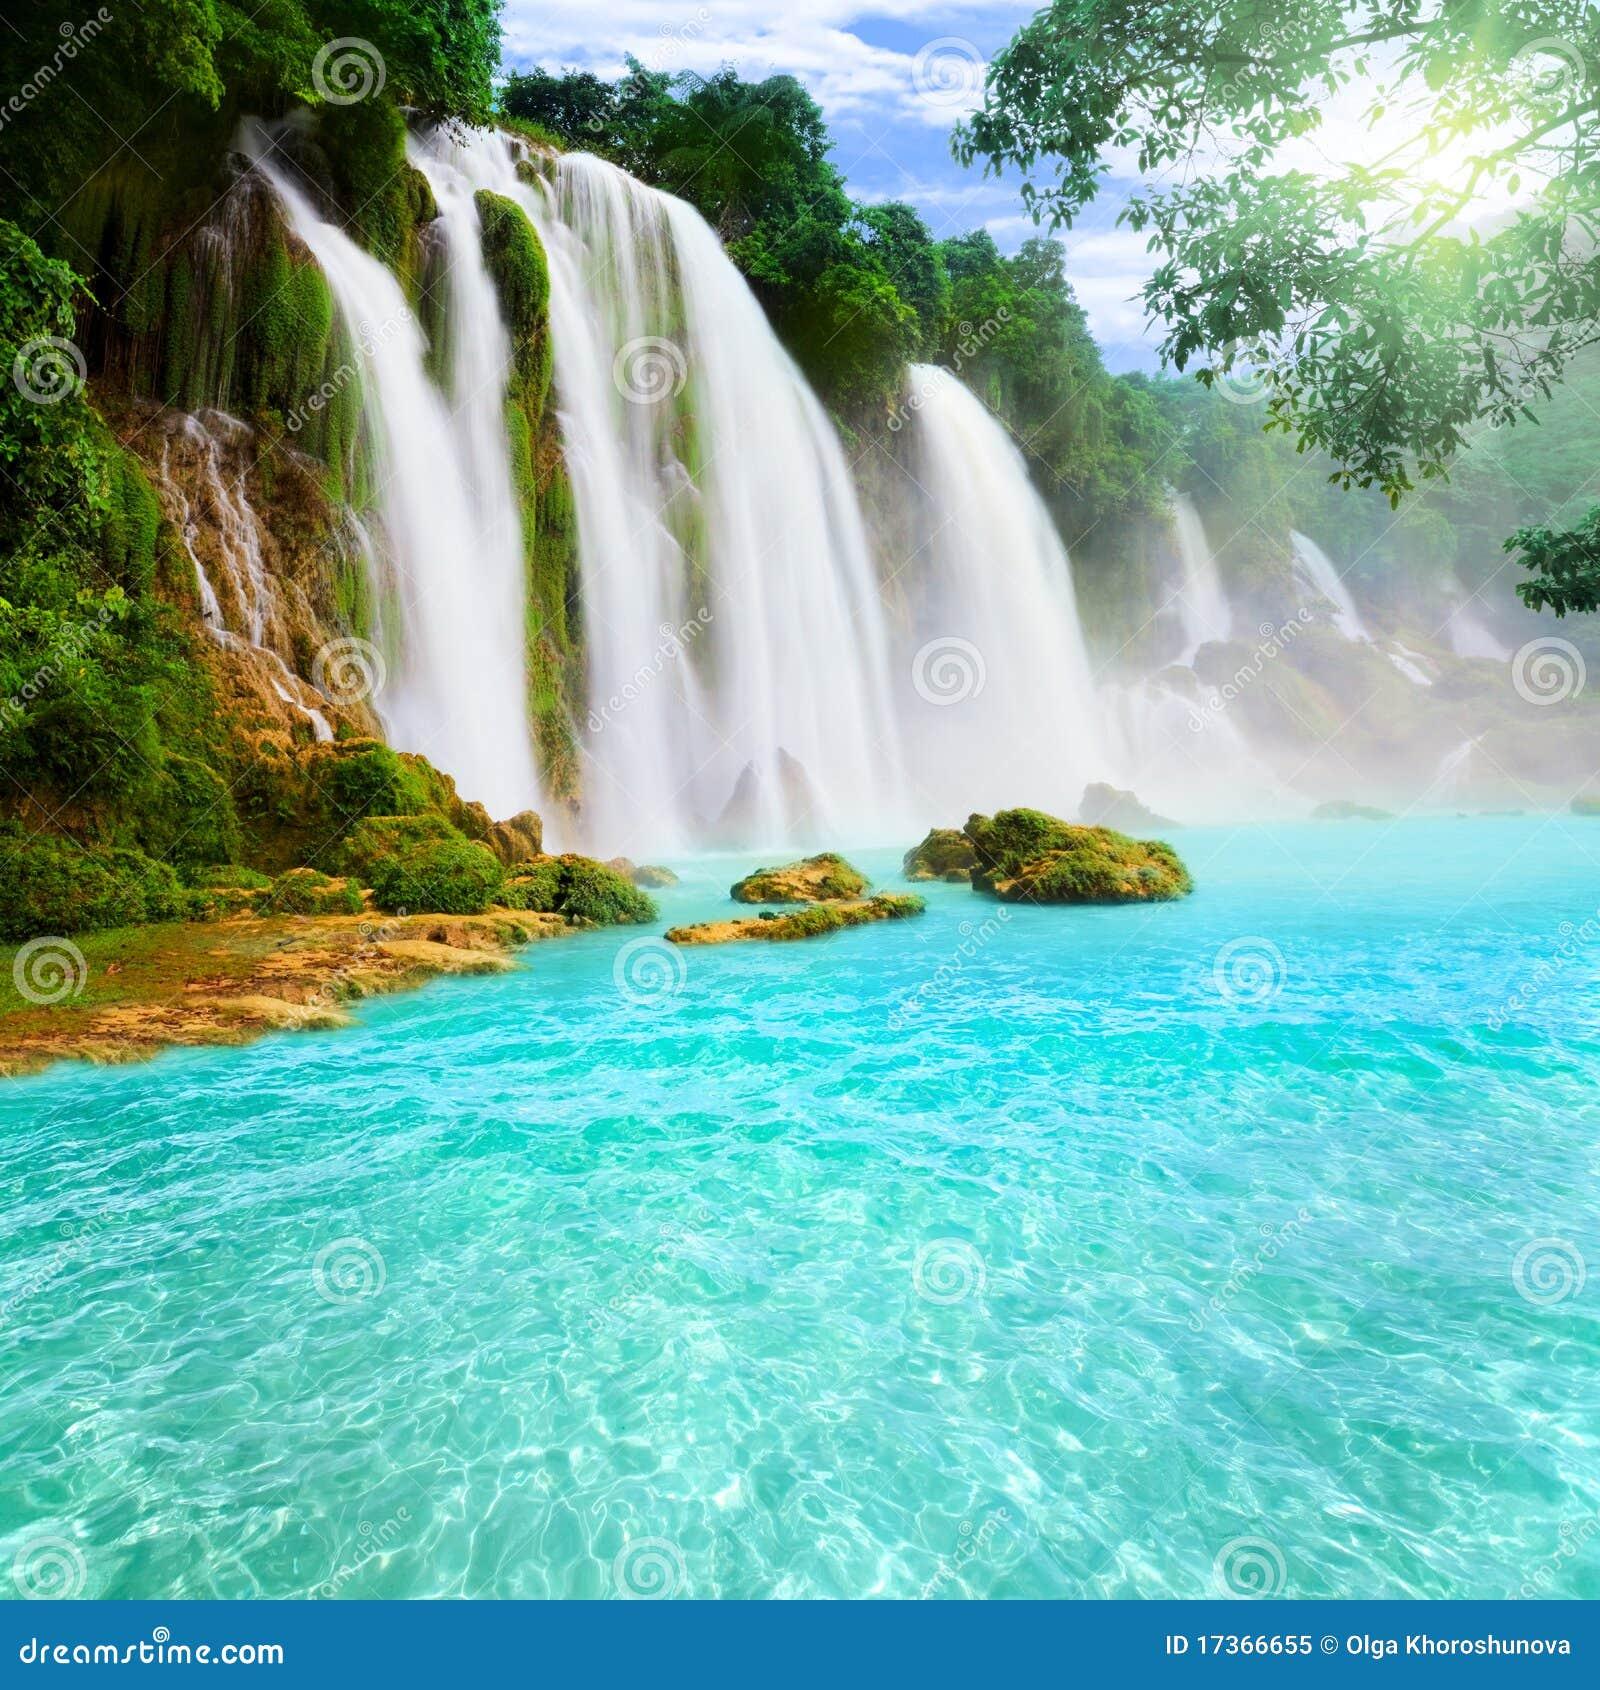 Landscape Waterfalls: Waterfall Landscape Stock Image. Image Of Foliage, Light